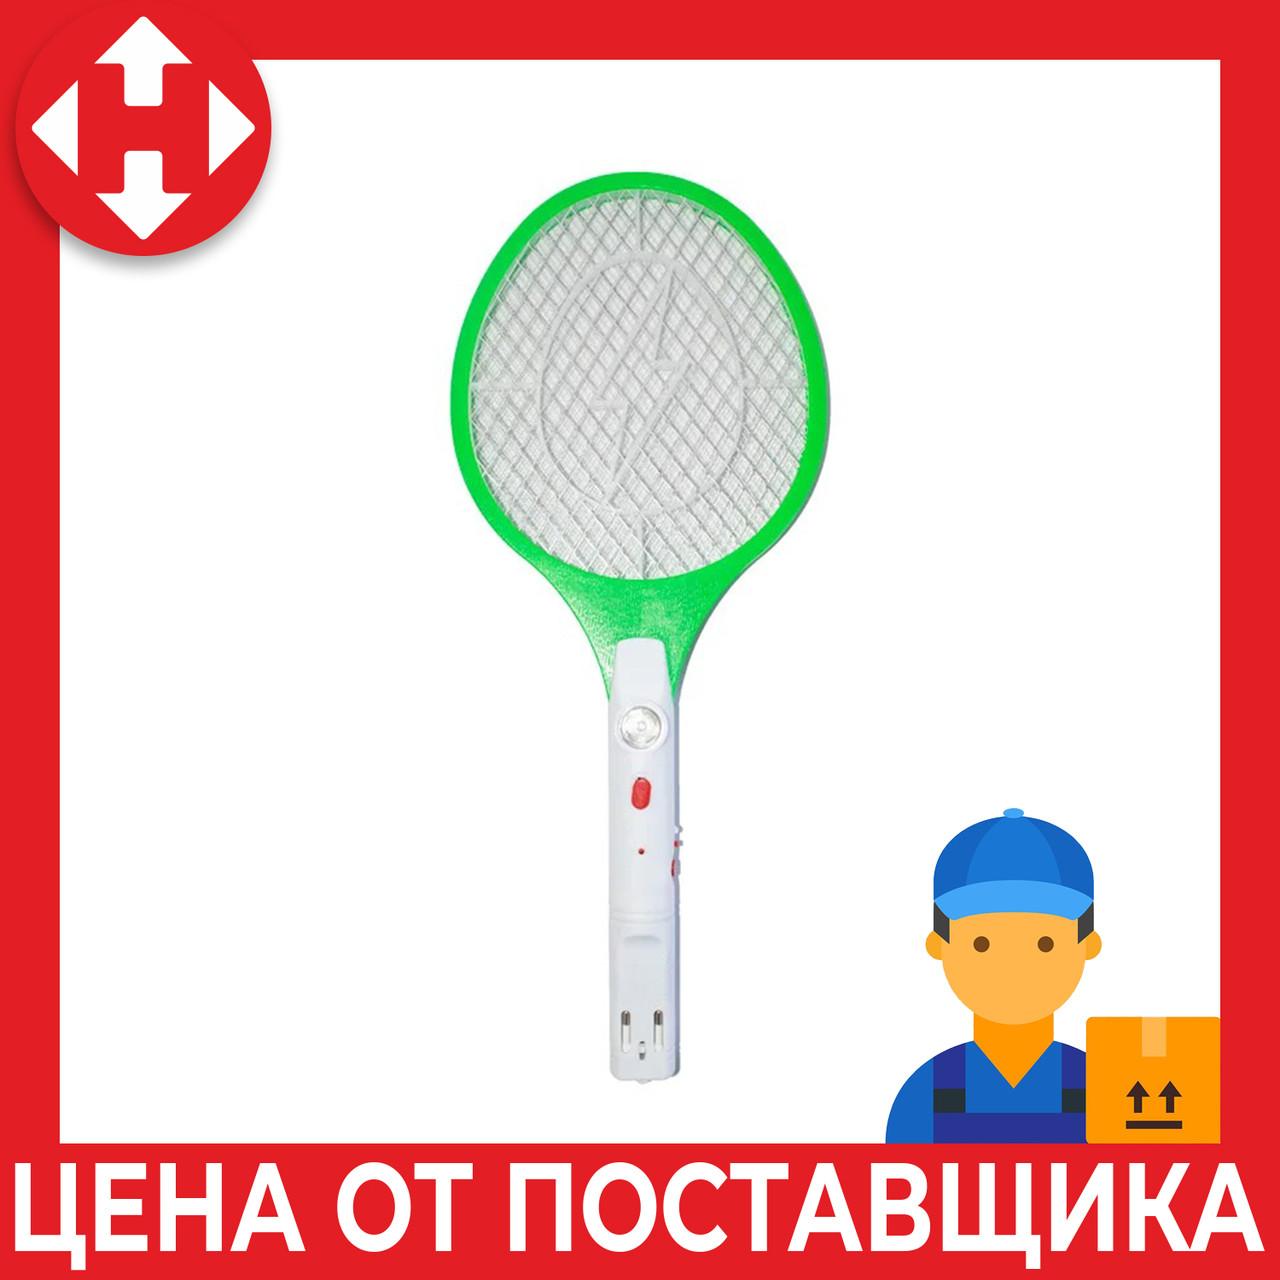 Мухобойка электрическая ракетка от насекомых (Зеленая) с доставкой по Украине и Киеву